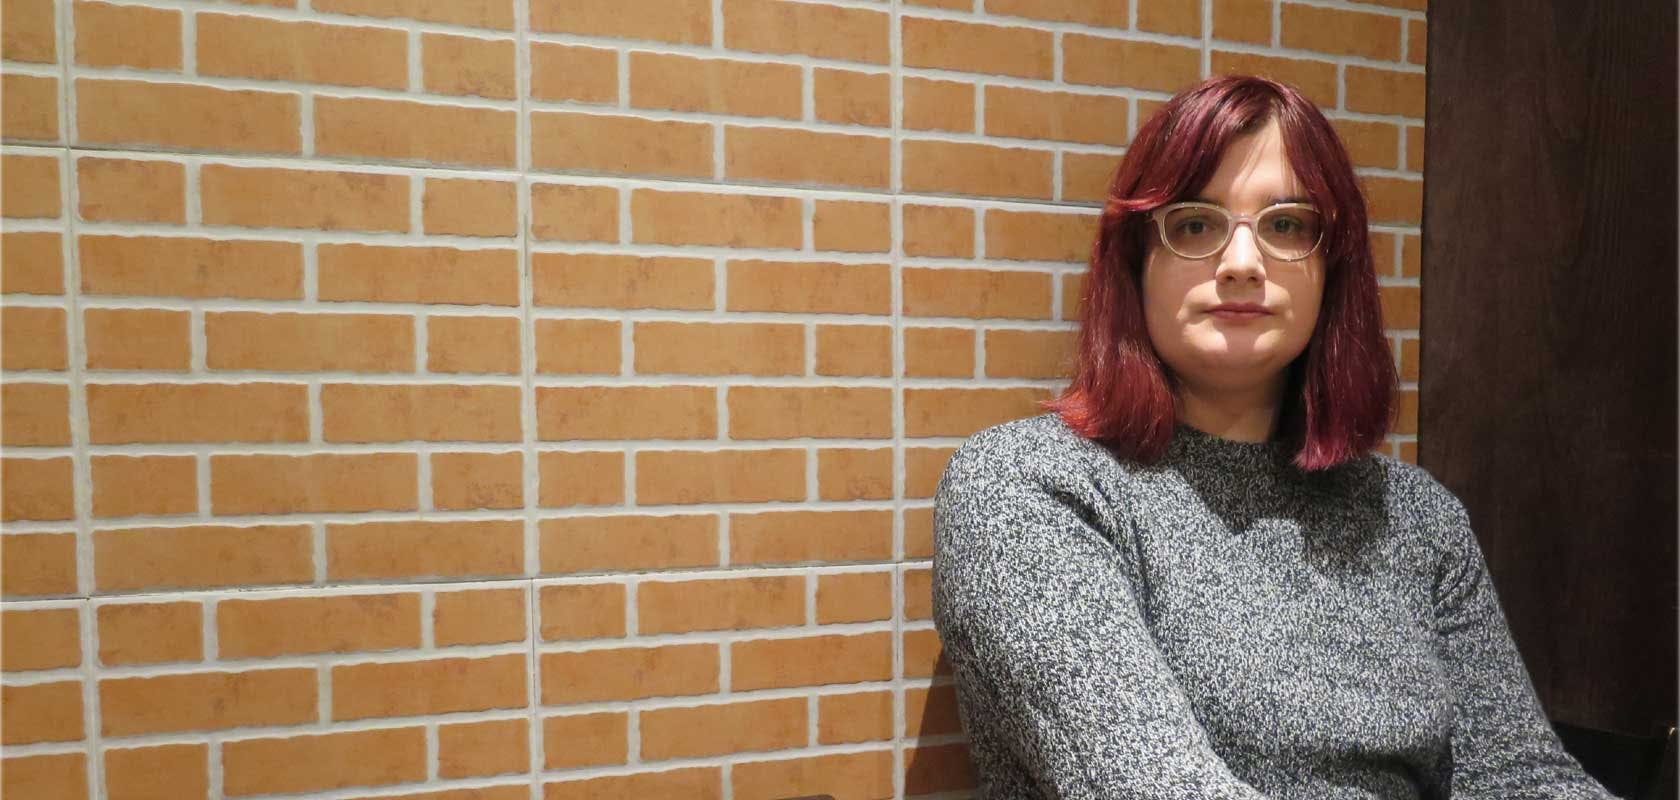 Cassandra Vera, étudiante de 22 ans,condamnée à un an d'emprisonnement avec sursis en 2017 © Amnesty International